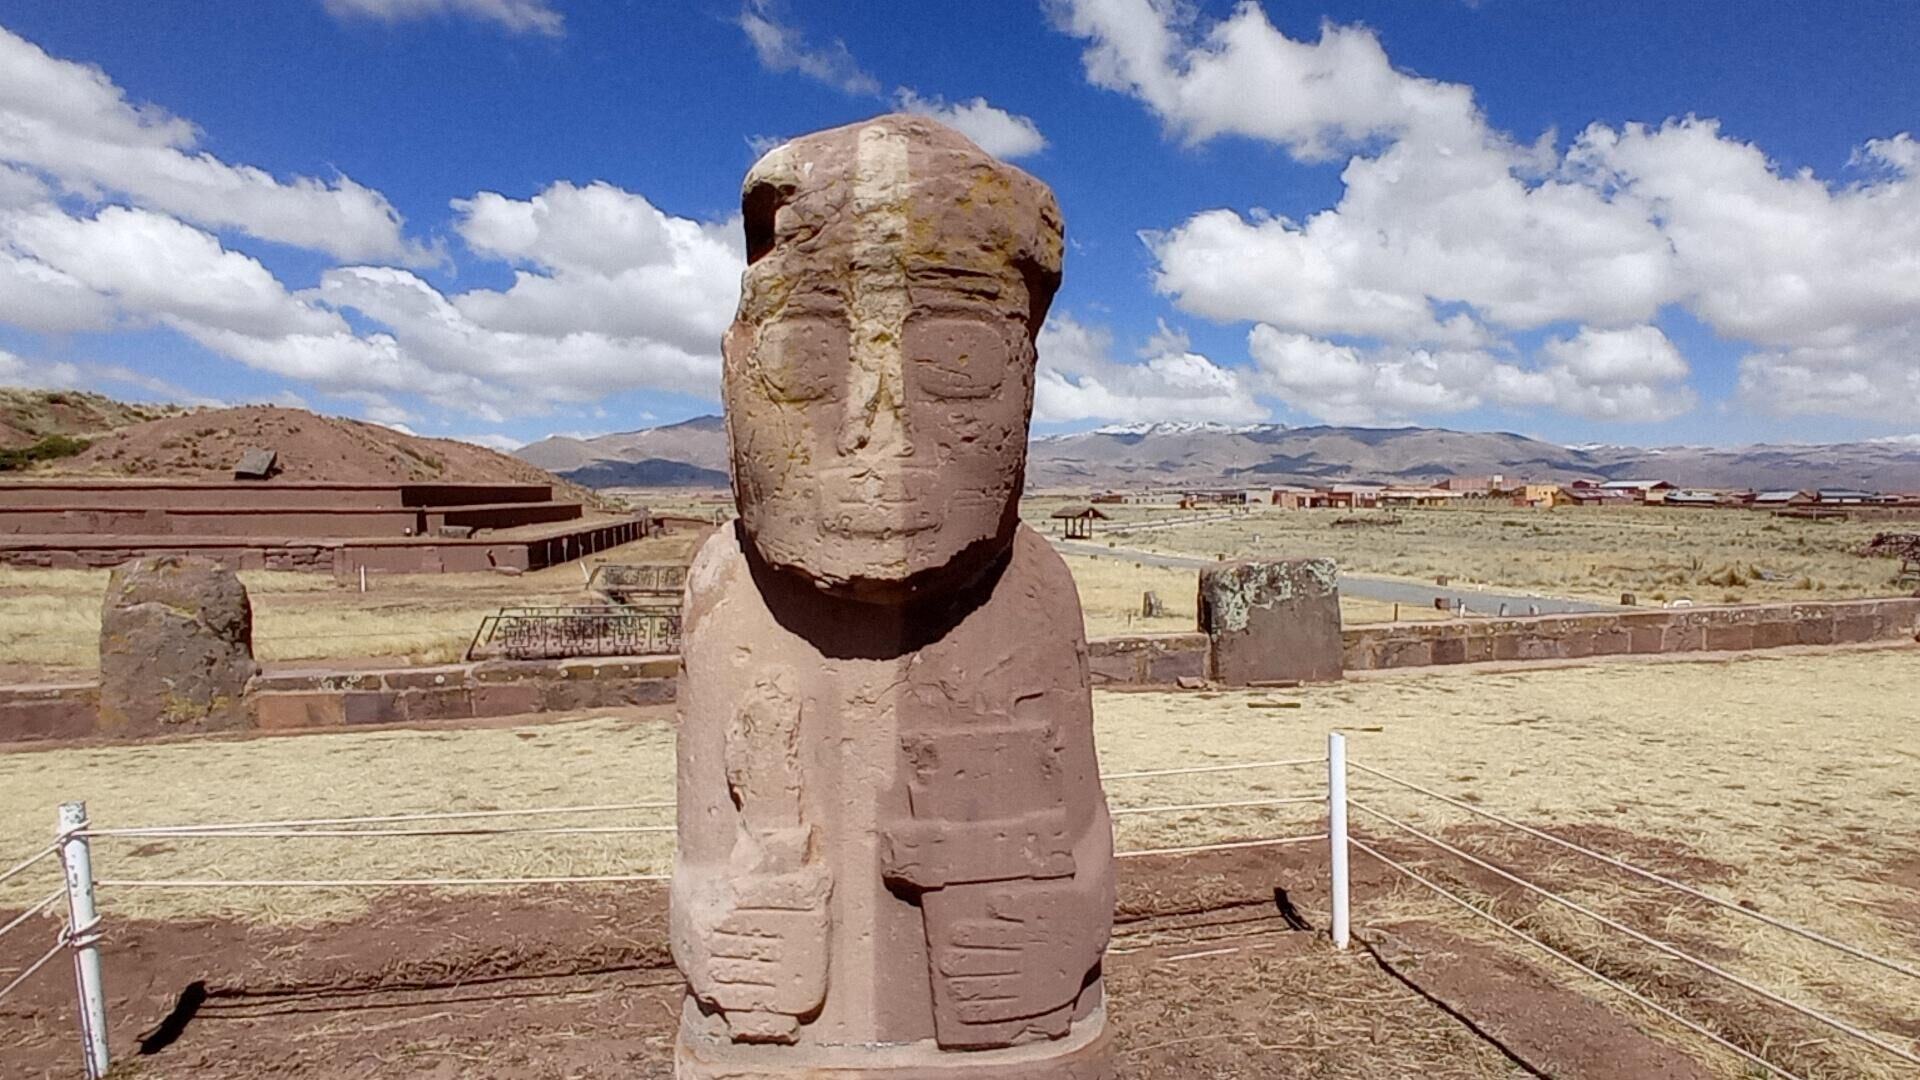 El centro arqueológico Tiwanaku, que recuerda la cultura tiwanakota, reabre sus tras la pandemia de COVID-19 - Sputnik Mundo, 1920, 09.08.2021